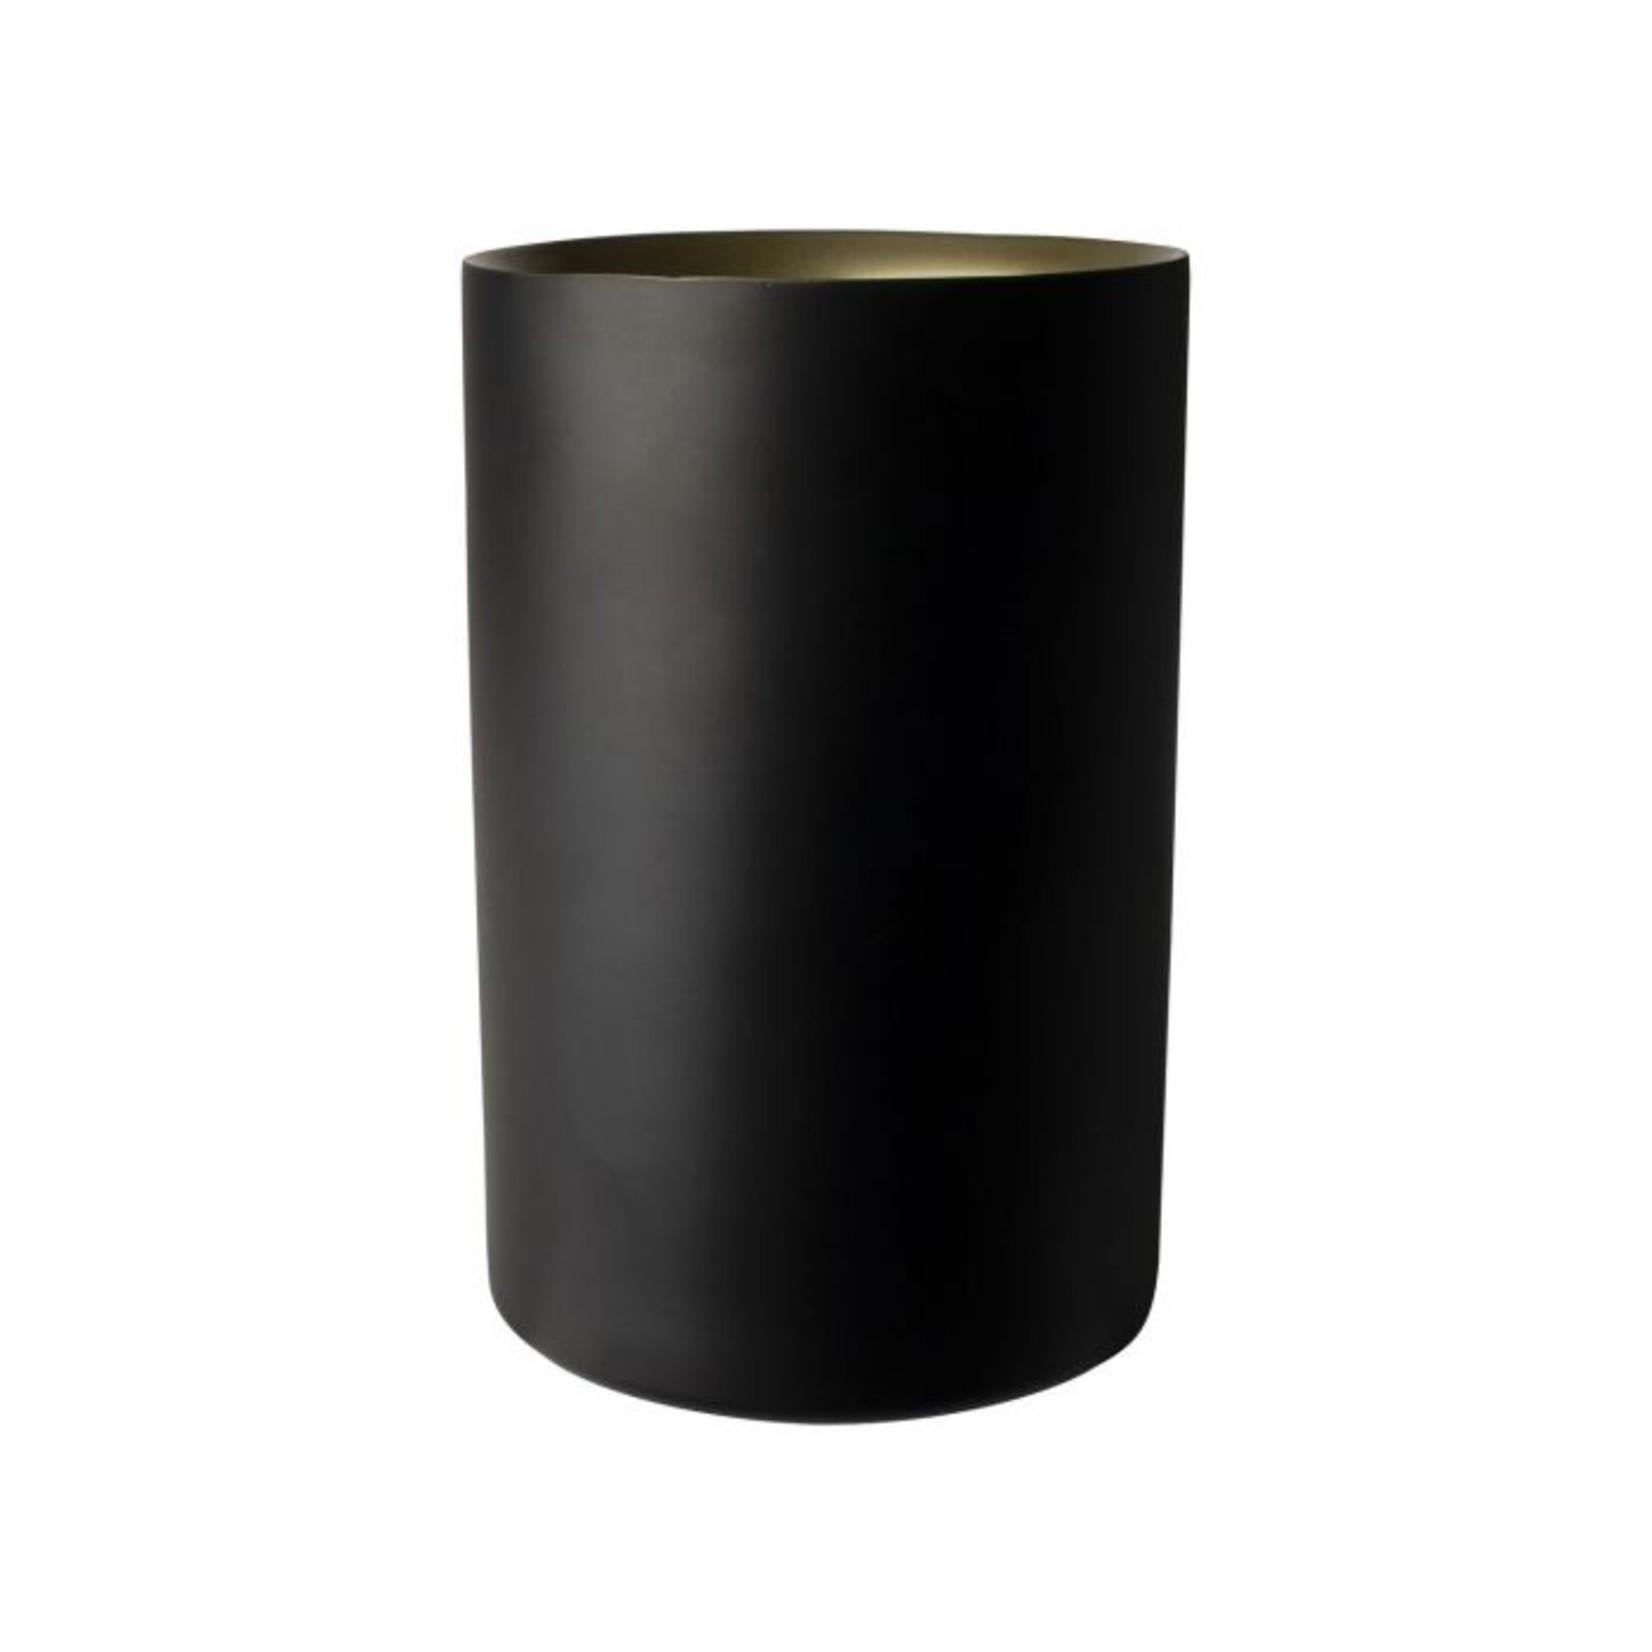 Gusta Wijnkoeler - Zwart/Goud